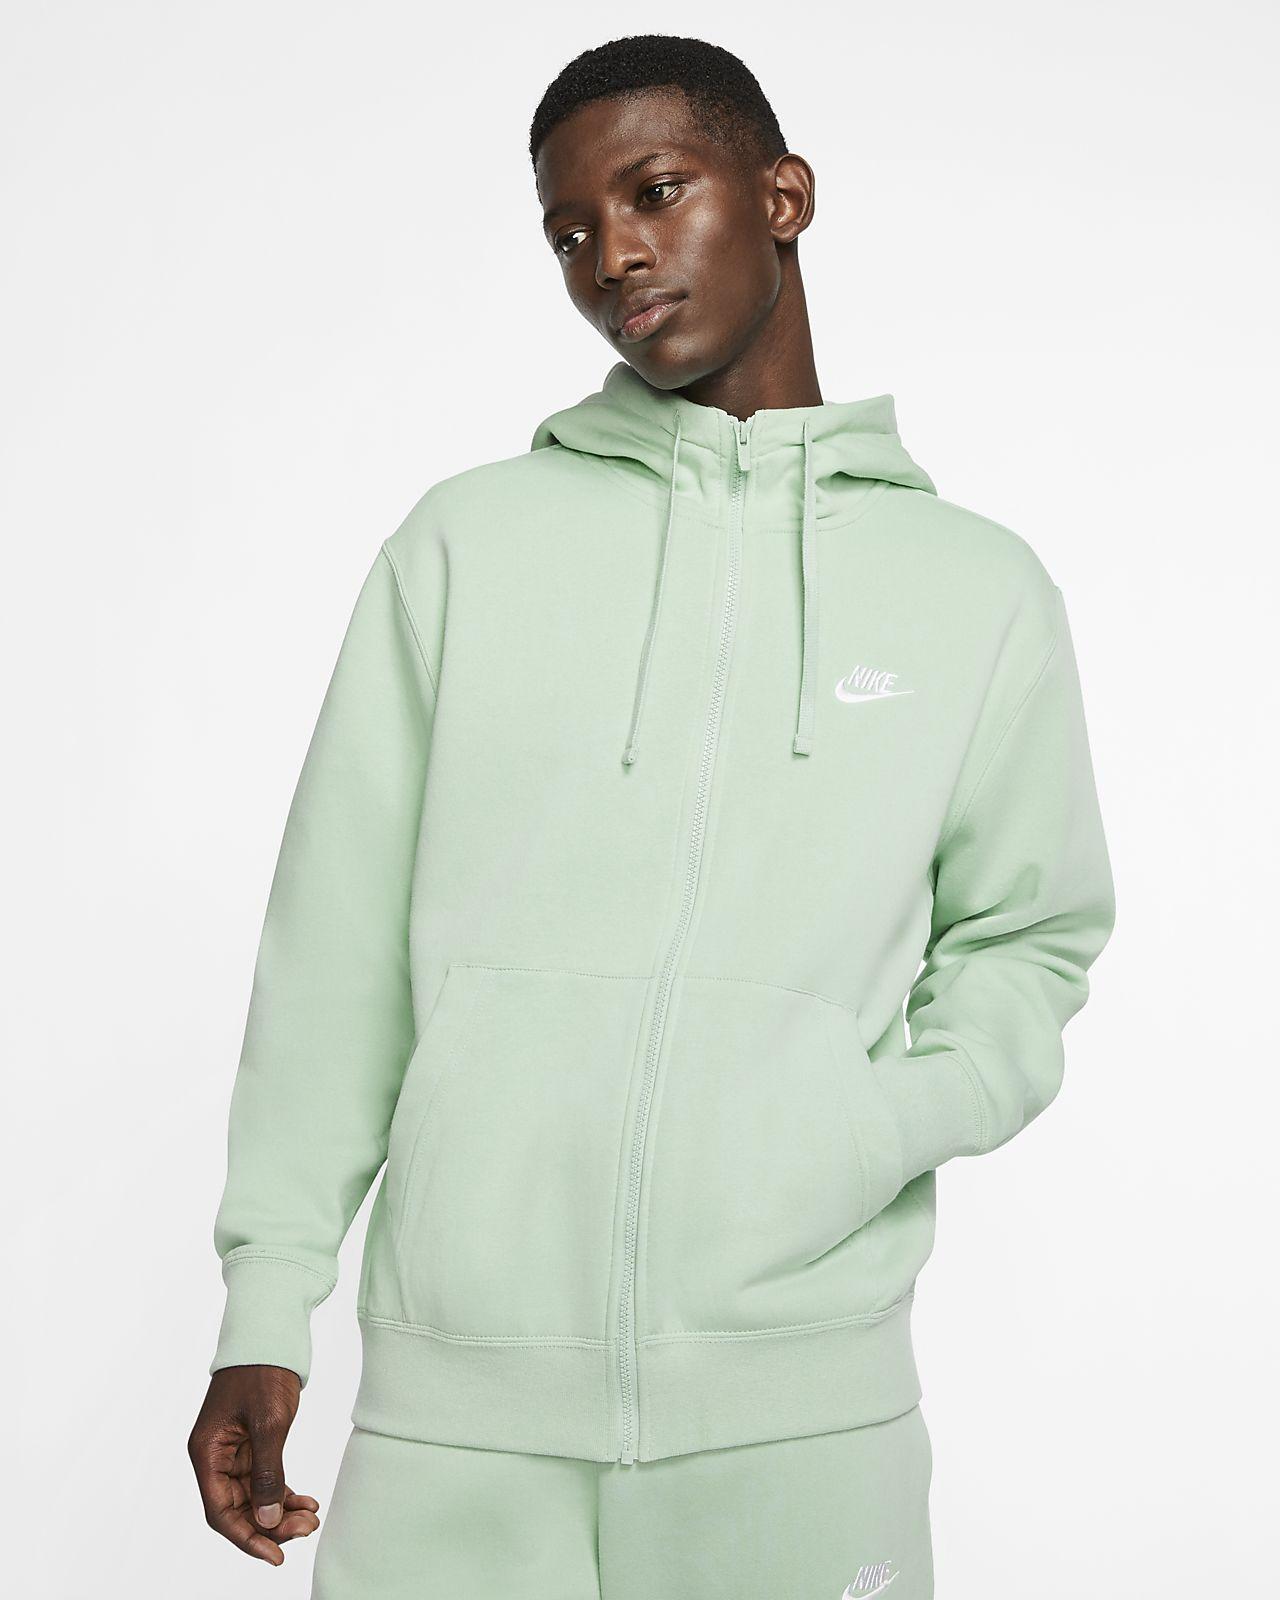 nike hoodies 5-6